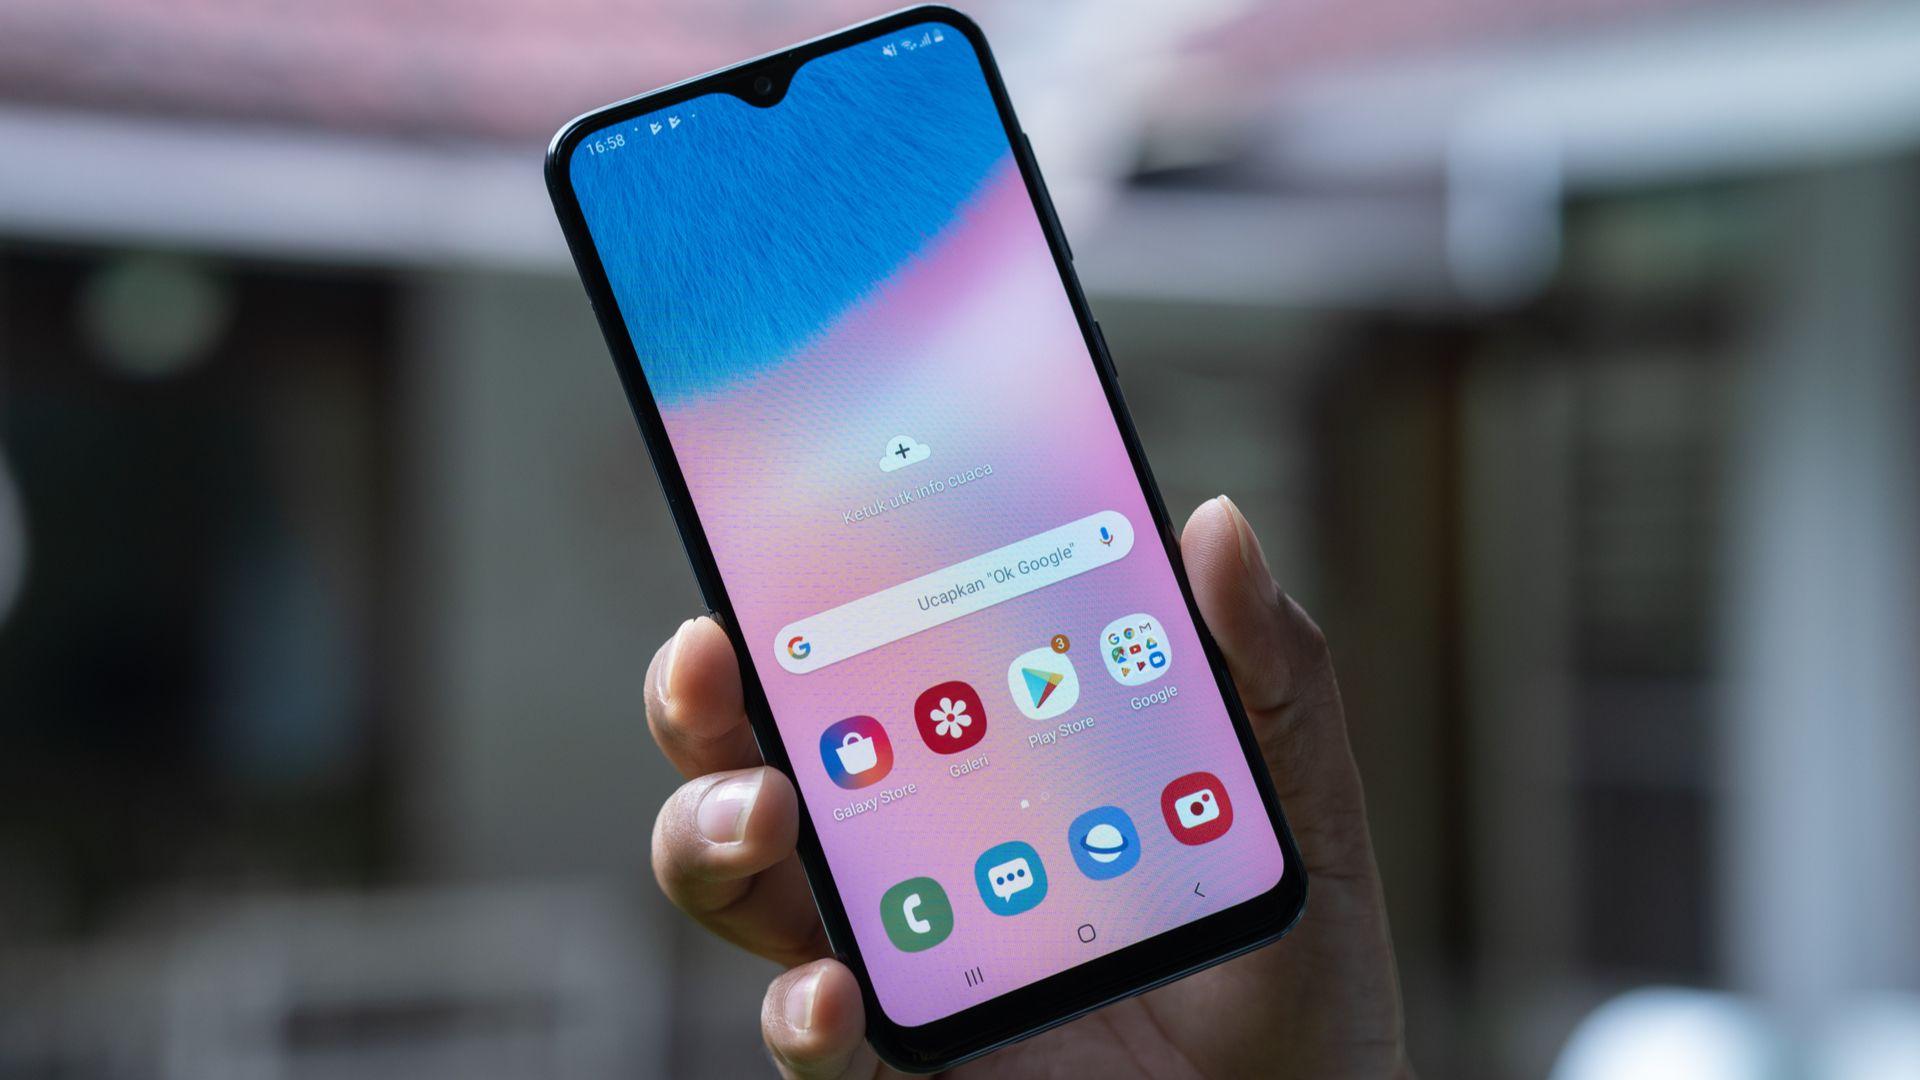 Galaxy A30s é um celular intermediário com tela de 6,4 polegadas (Imagem: Lukmanazis/Shutterstock)